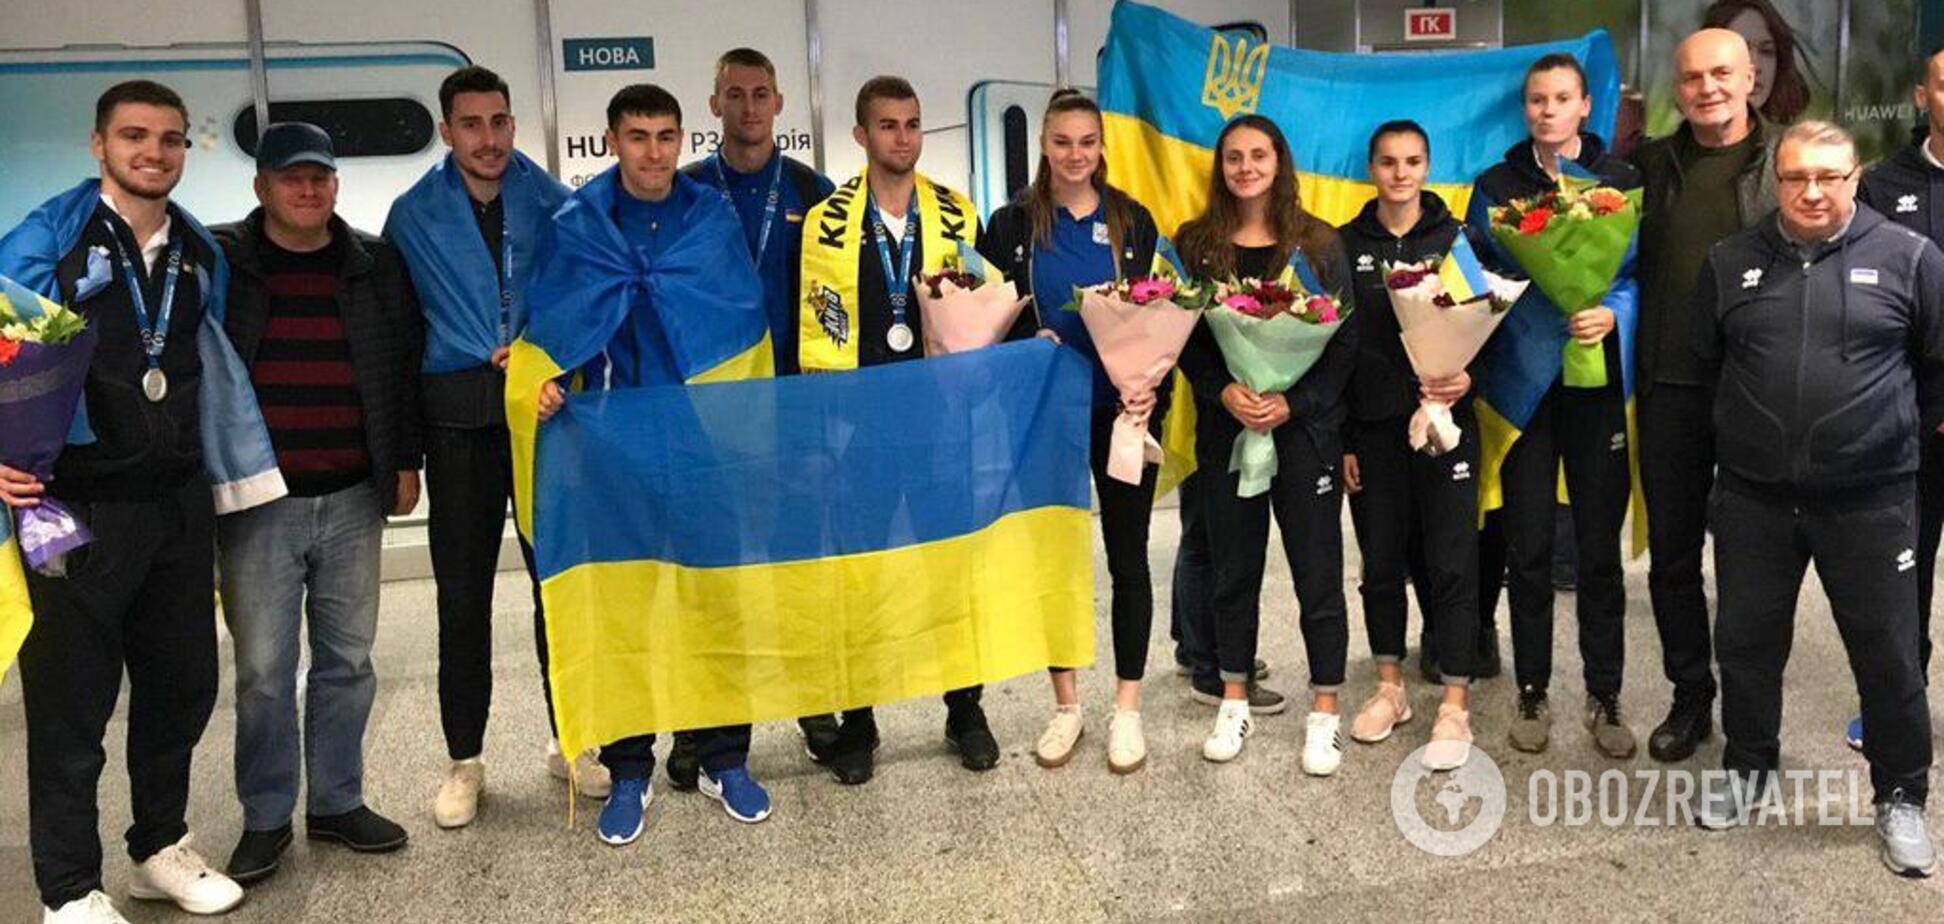 Герои дня: Киев встретил вице-чемпионов мира в баскетболе 3х3